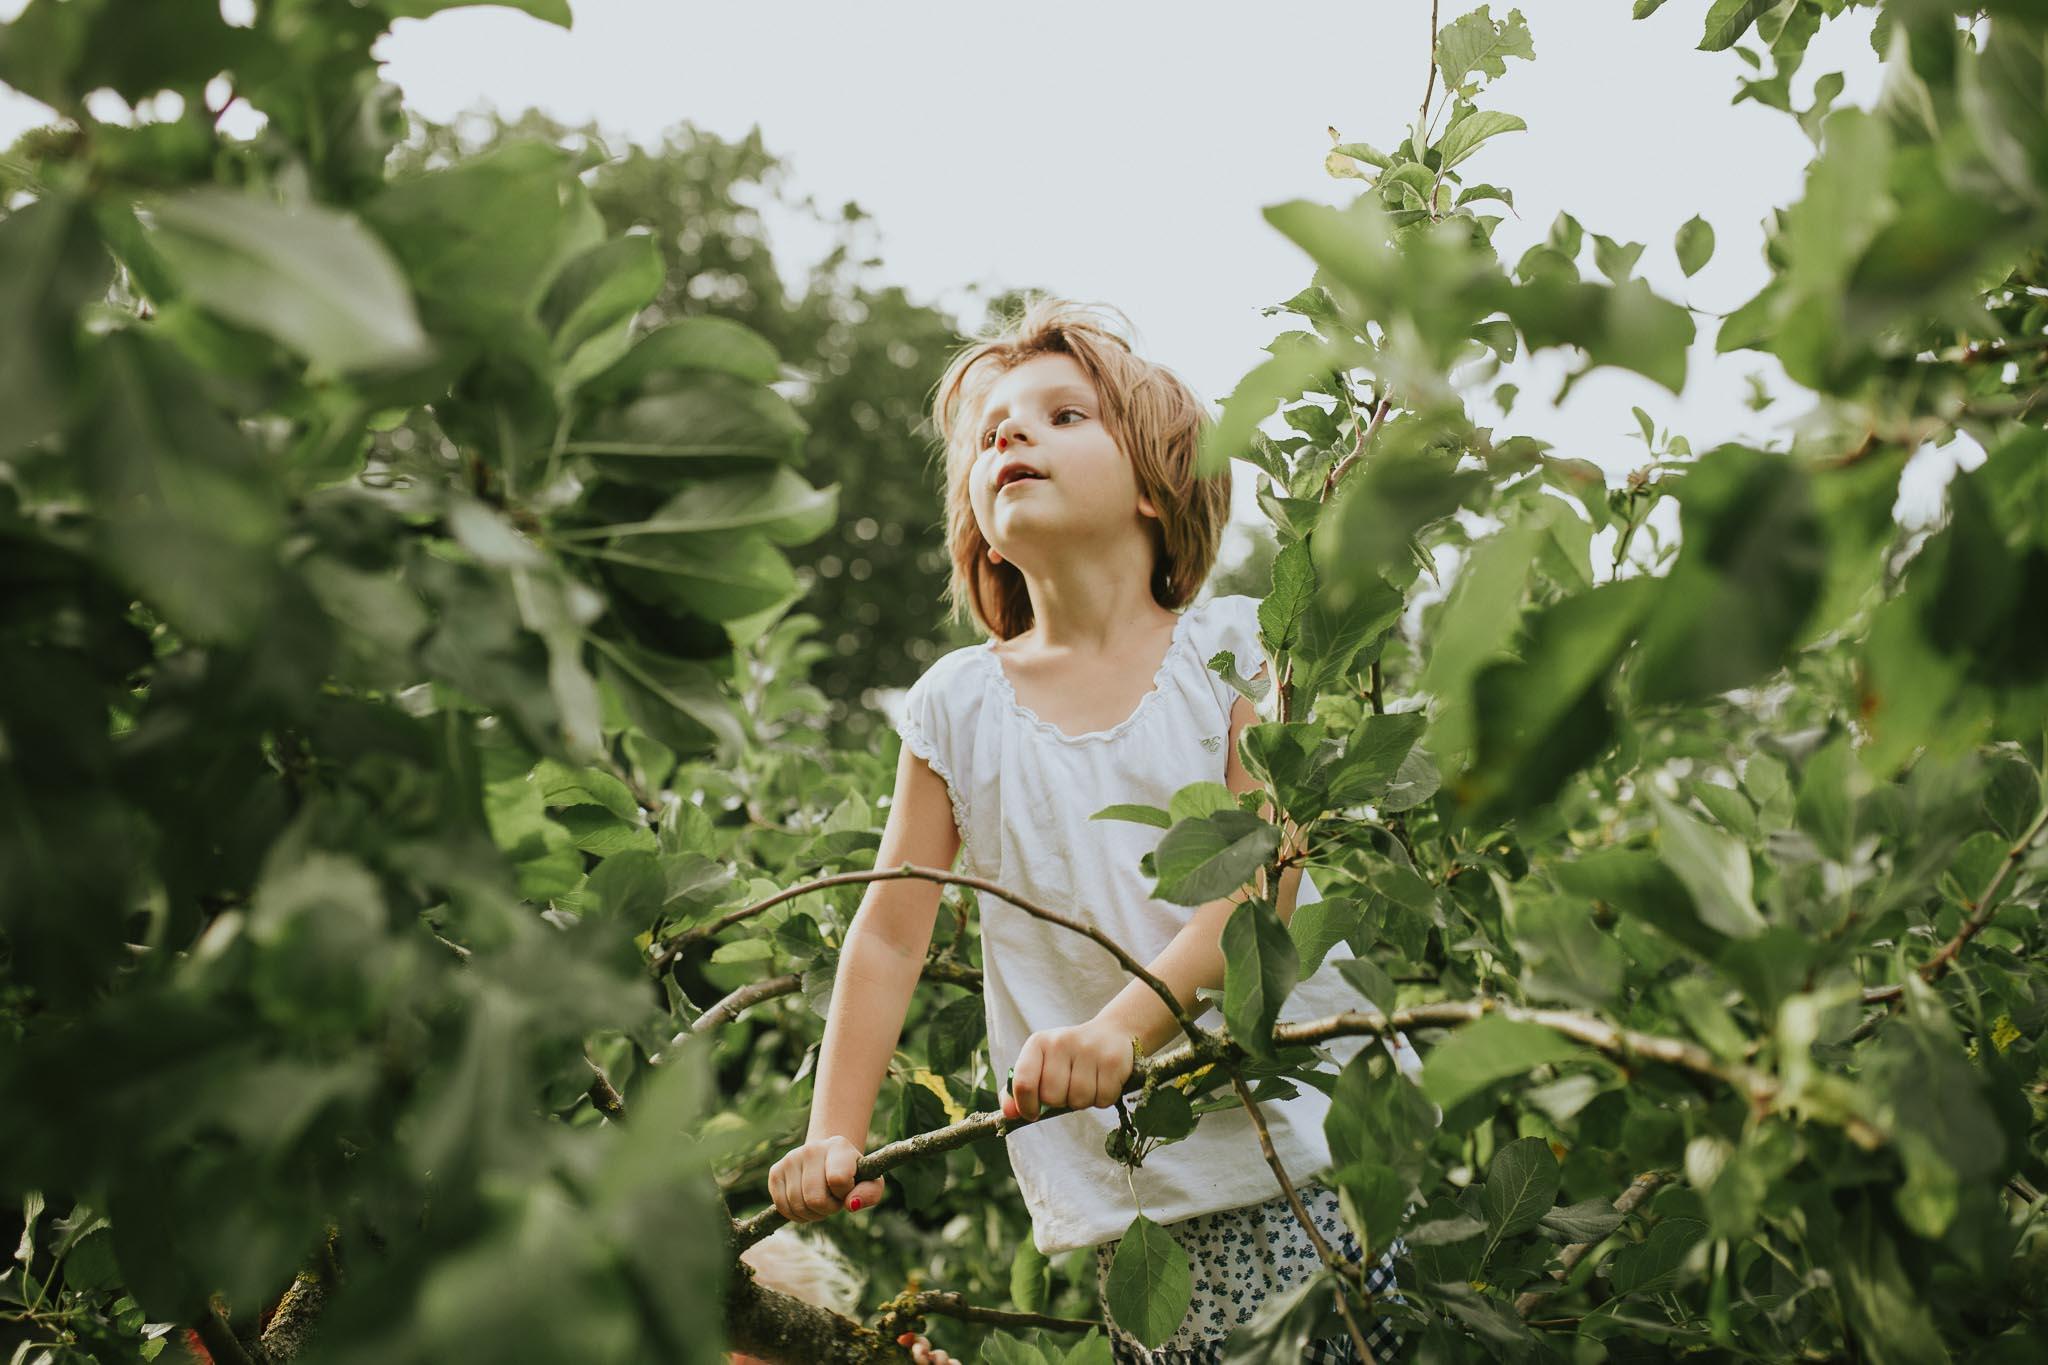 Kind auf dem Baum zwischen den Ästen